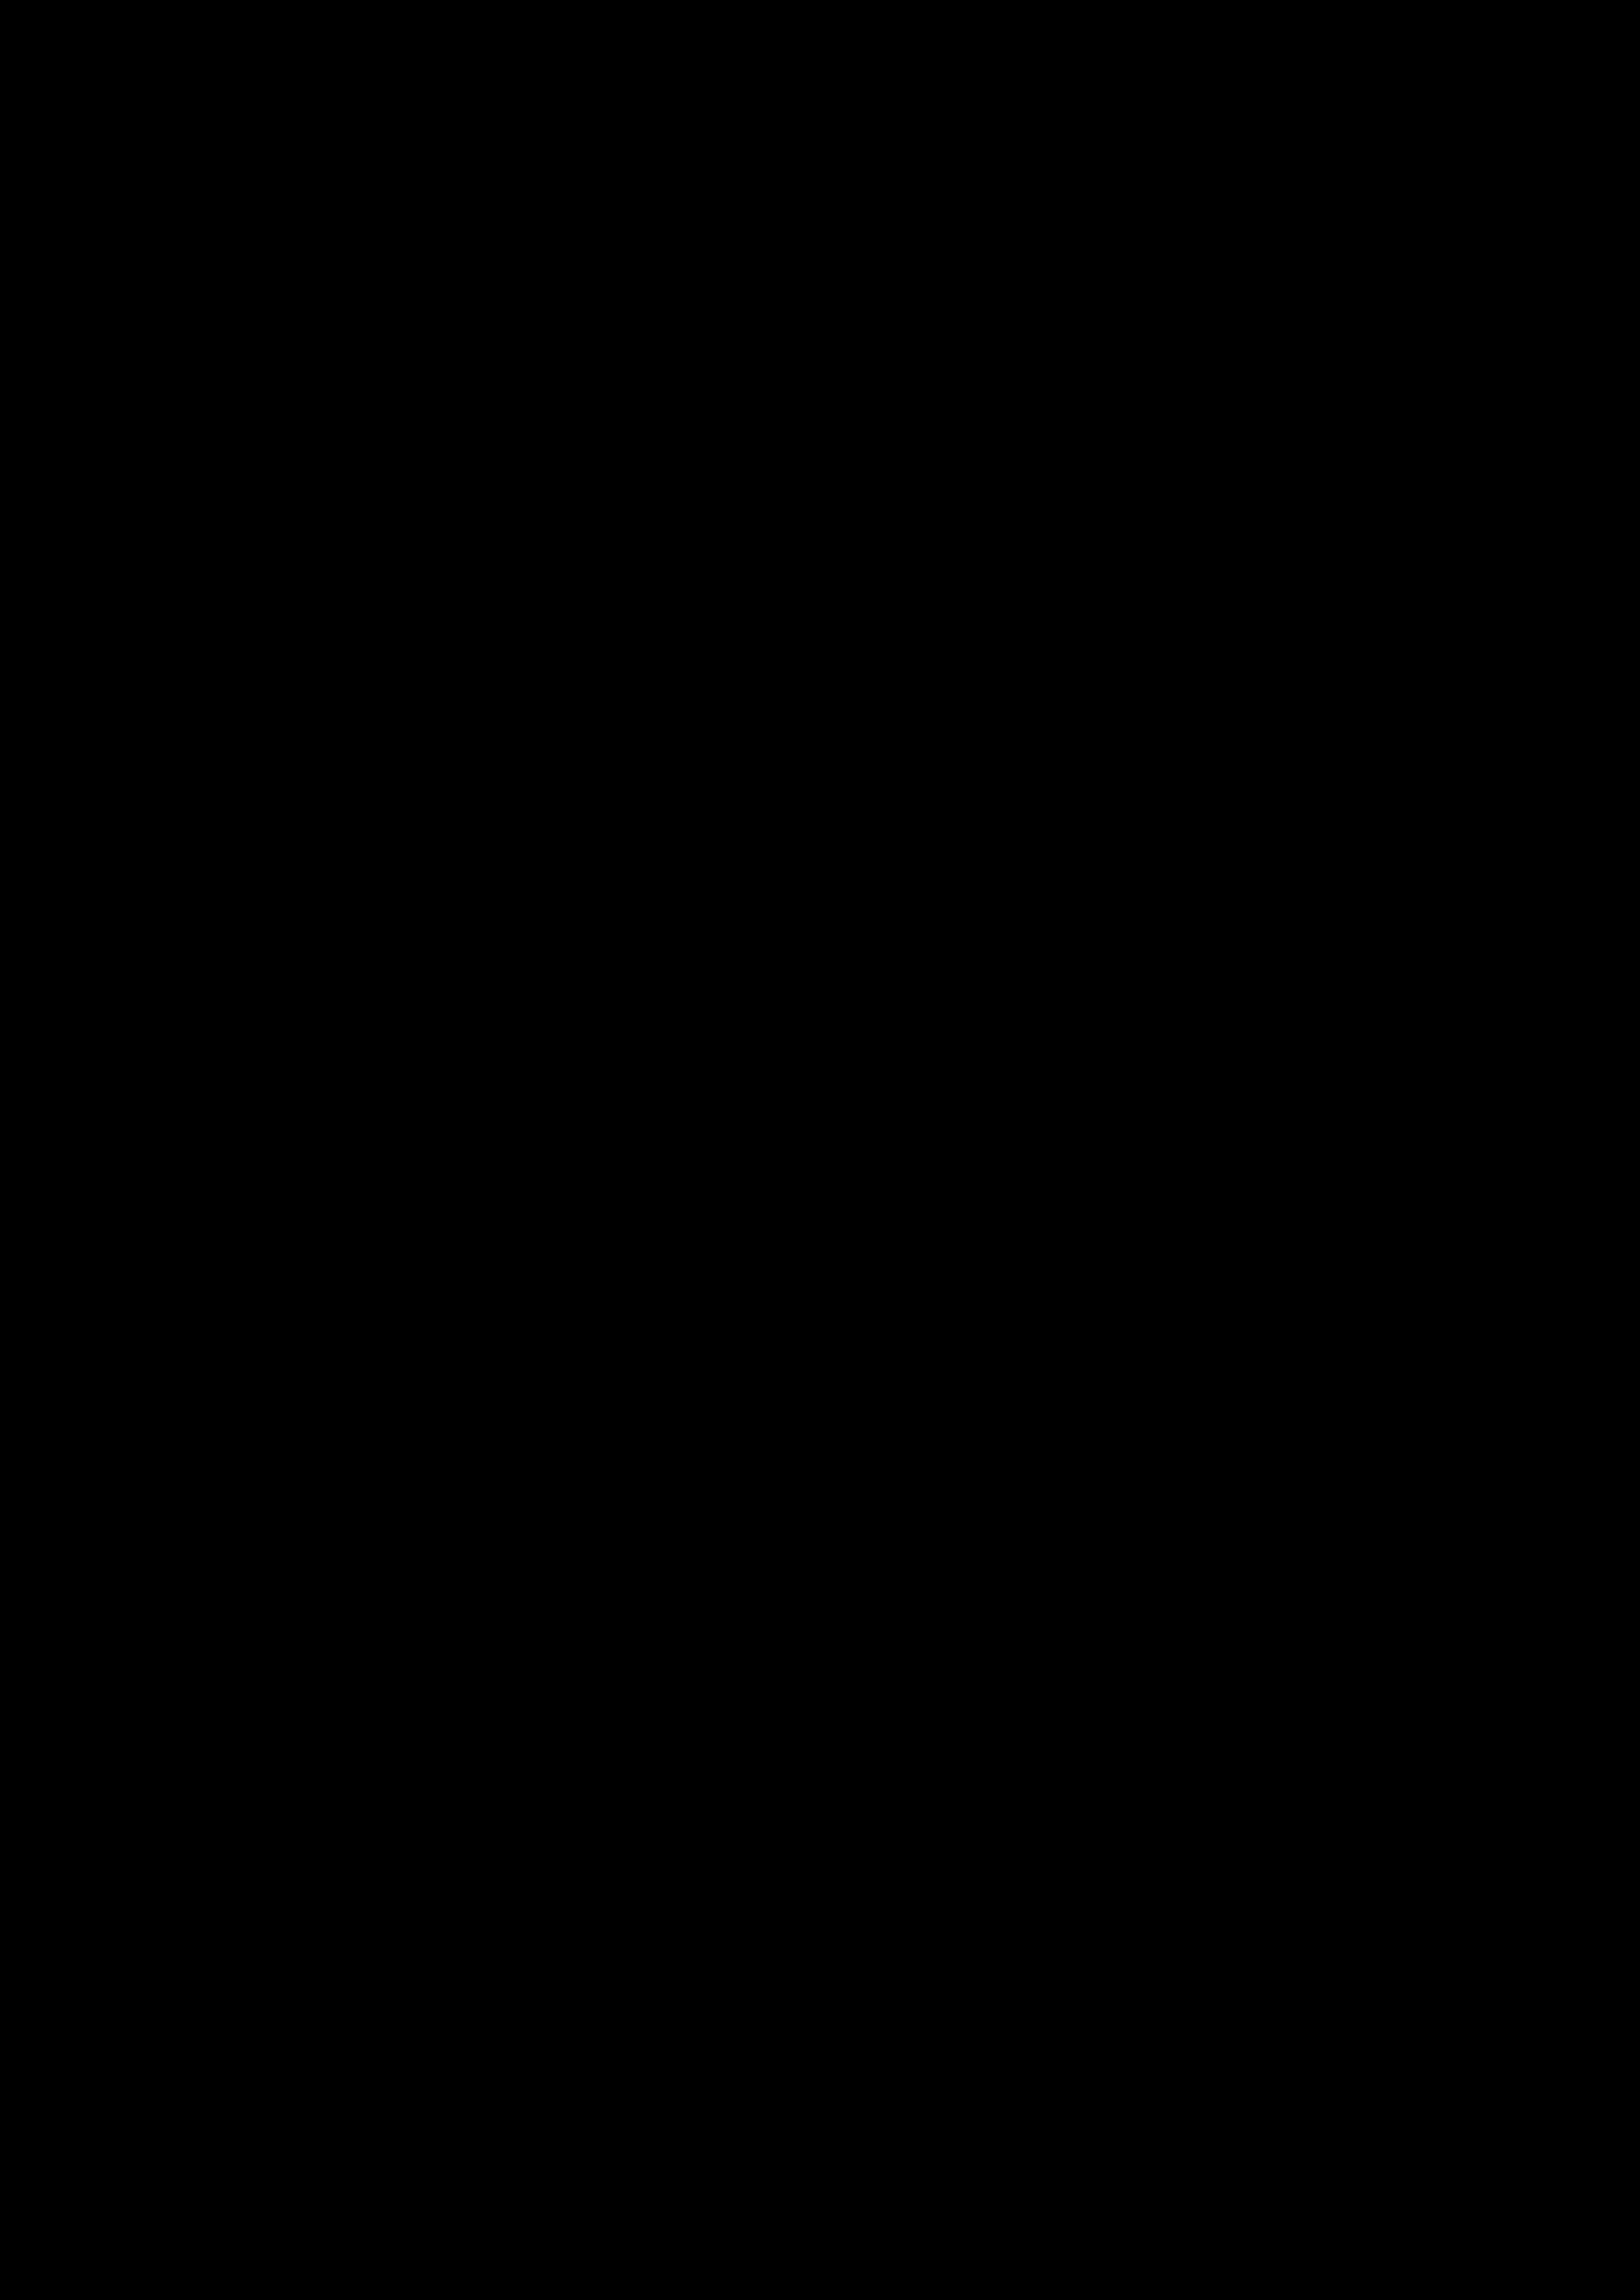 Clipart - herramienta cautin soldador dibujo para colorear